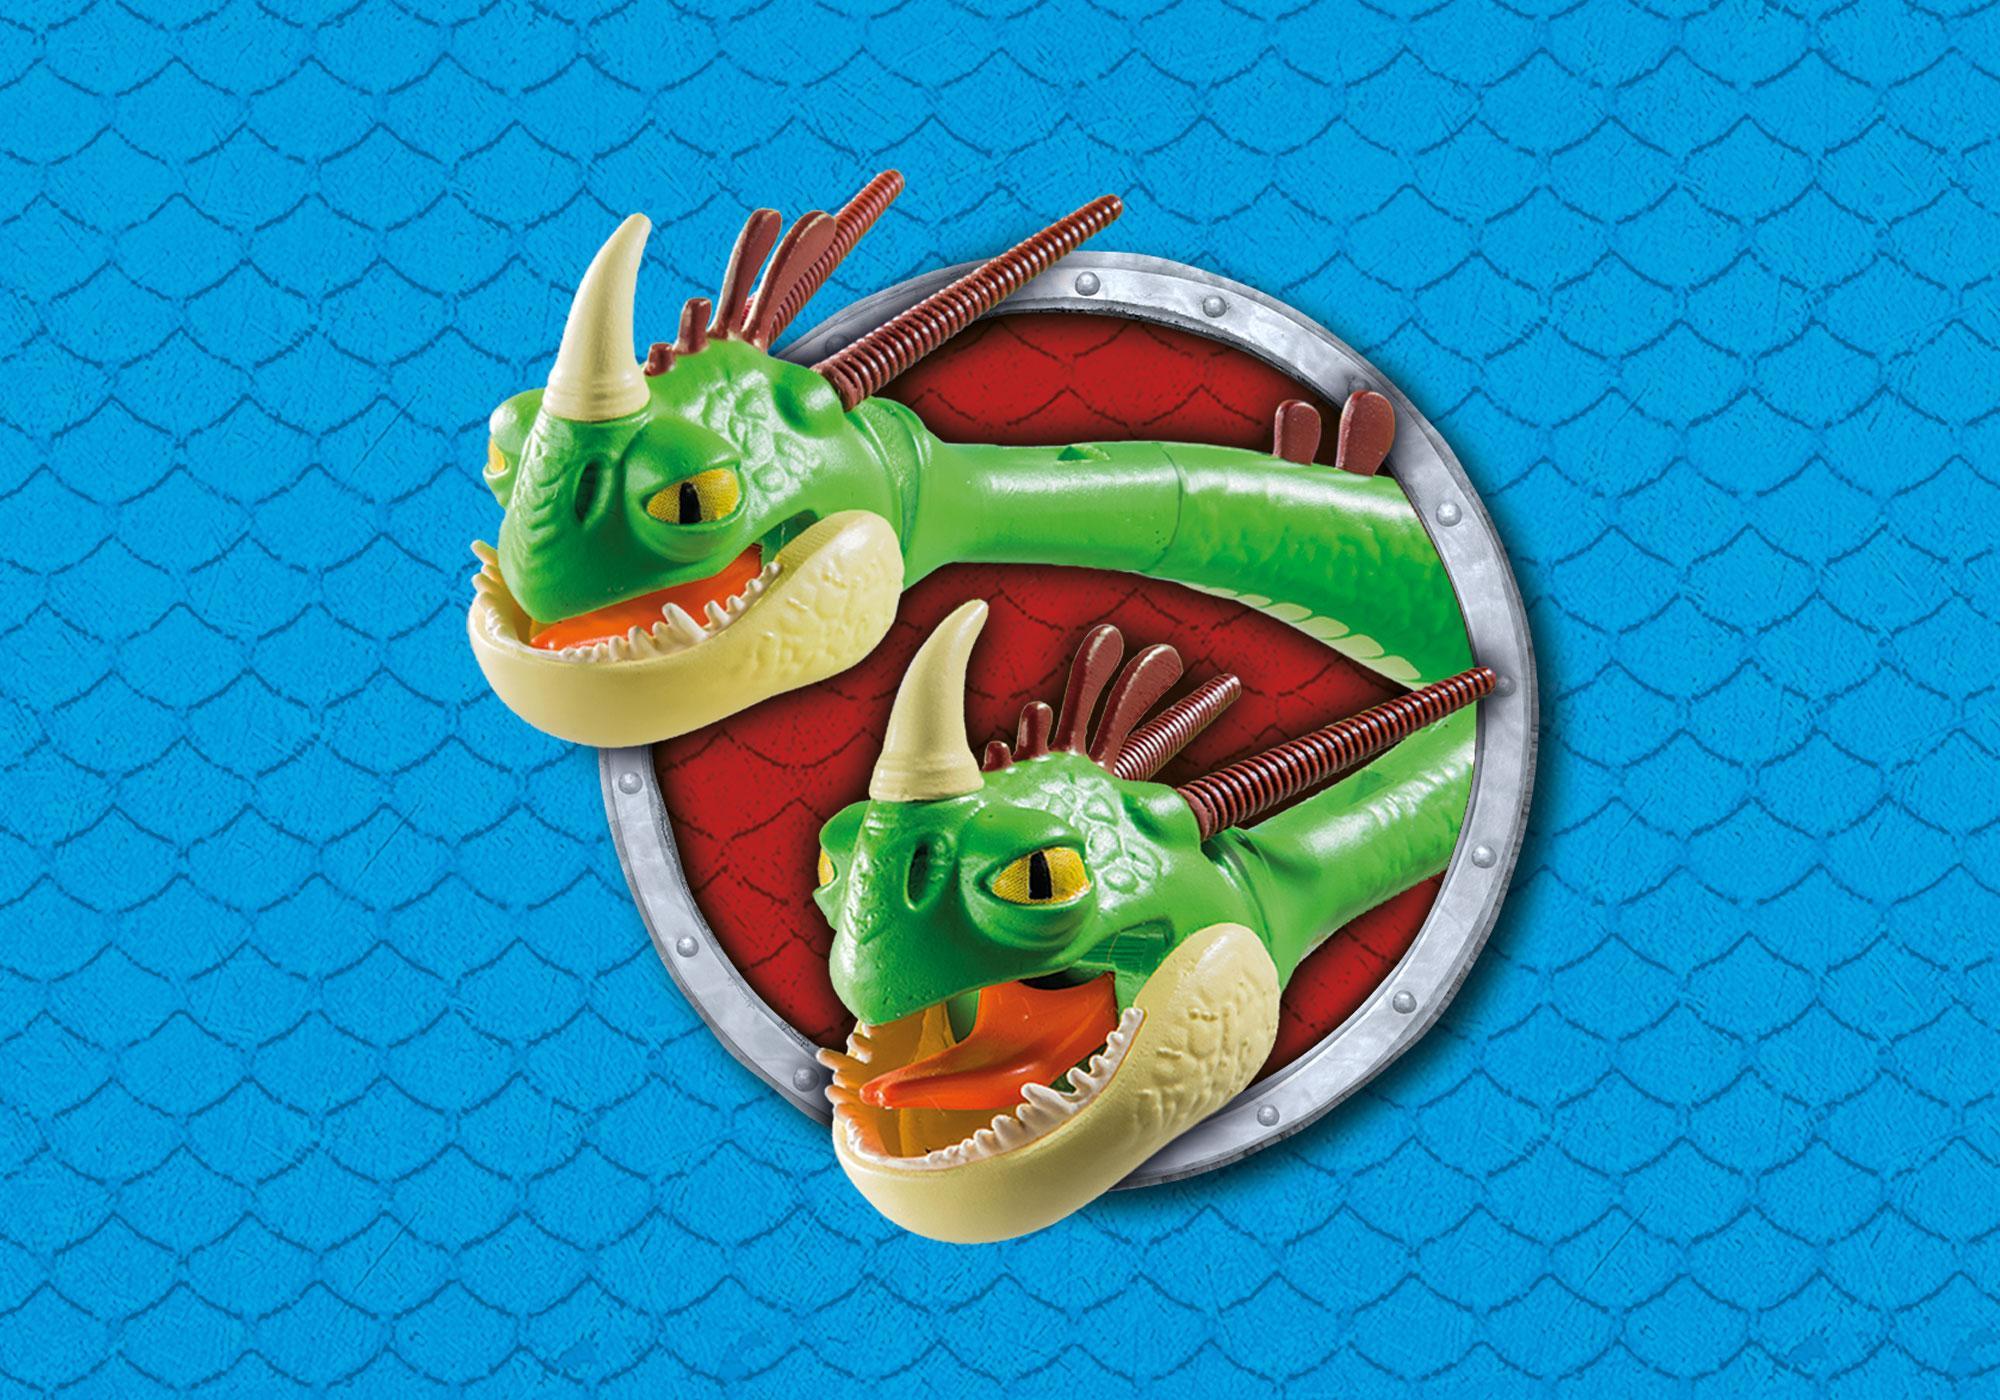 http://media.playmobil.com/i/playmobil/9458_product_extra4/Brokdol & Knokdol met Burp & Braak